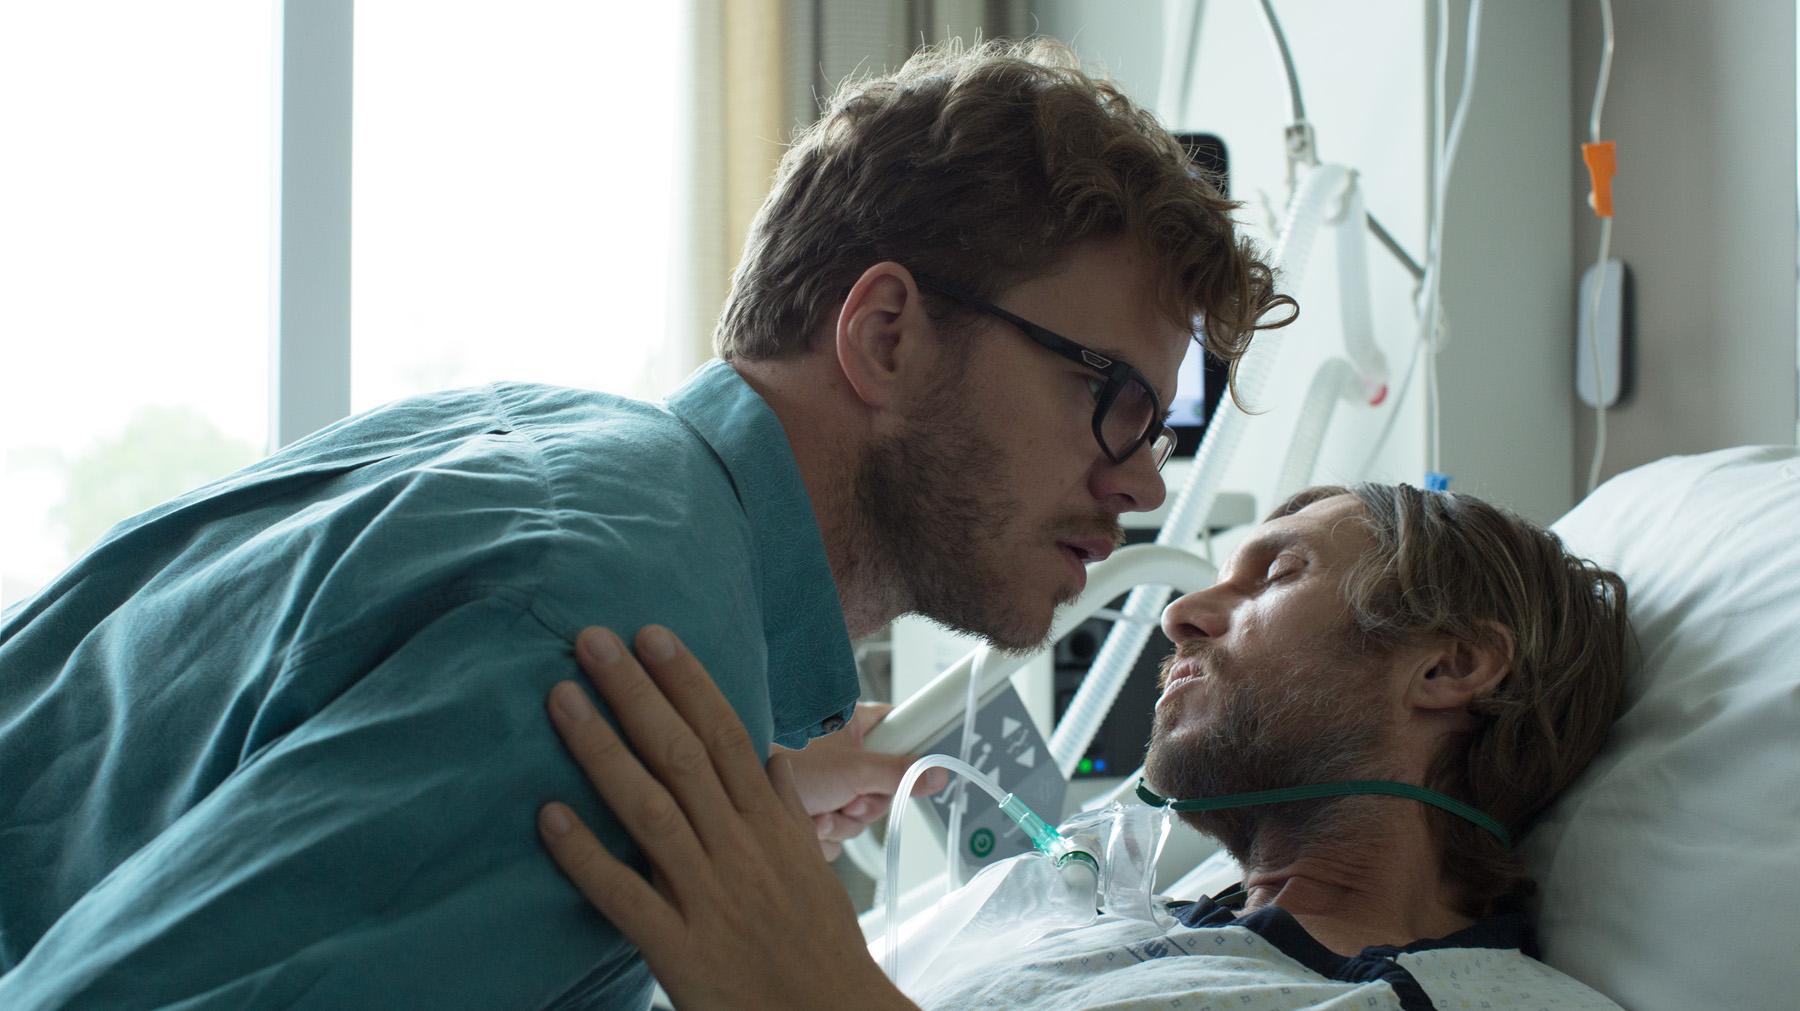 Bart Hollanders & Werner De Smedt in NA DE DOOD IN DE HEMEL directed by Thomas Baert - DoP Dries Delputte